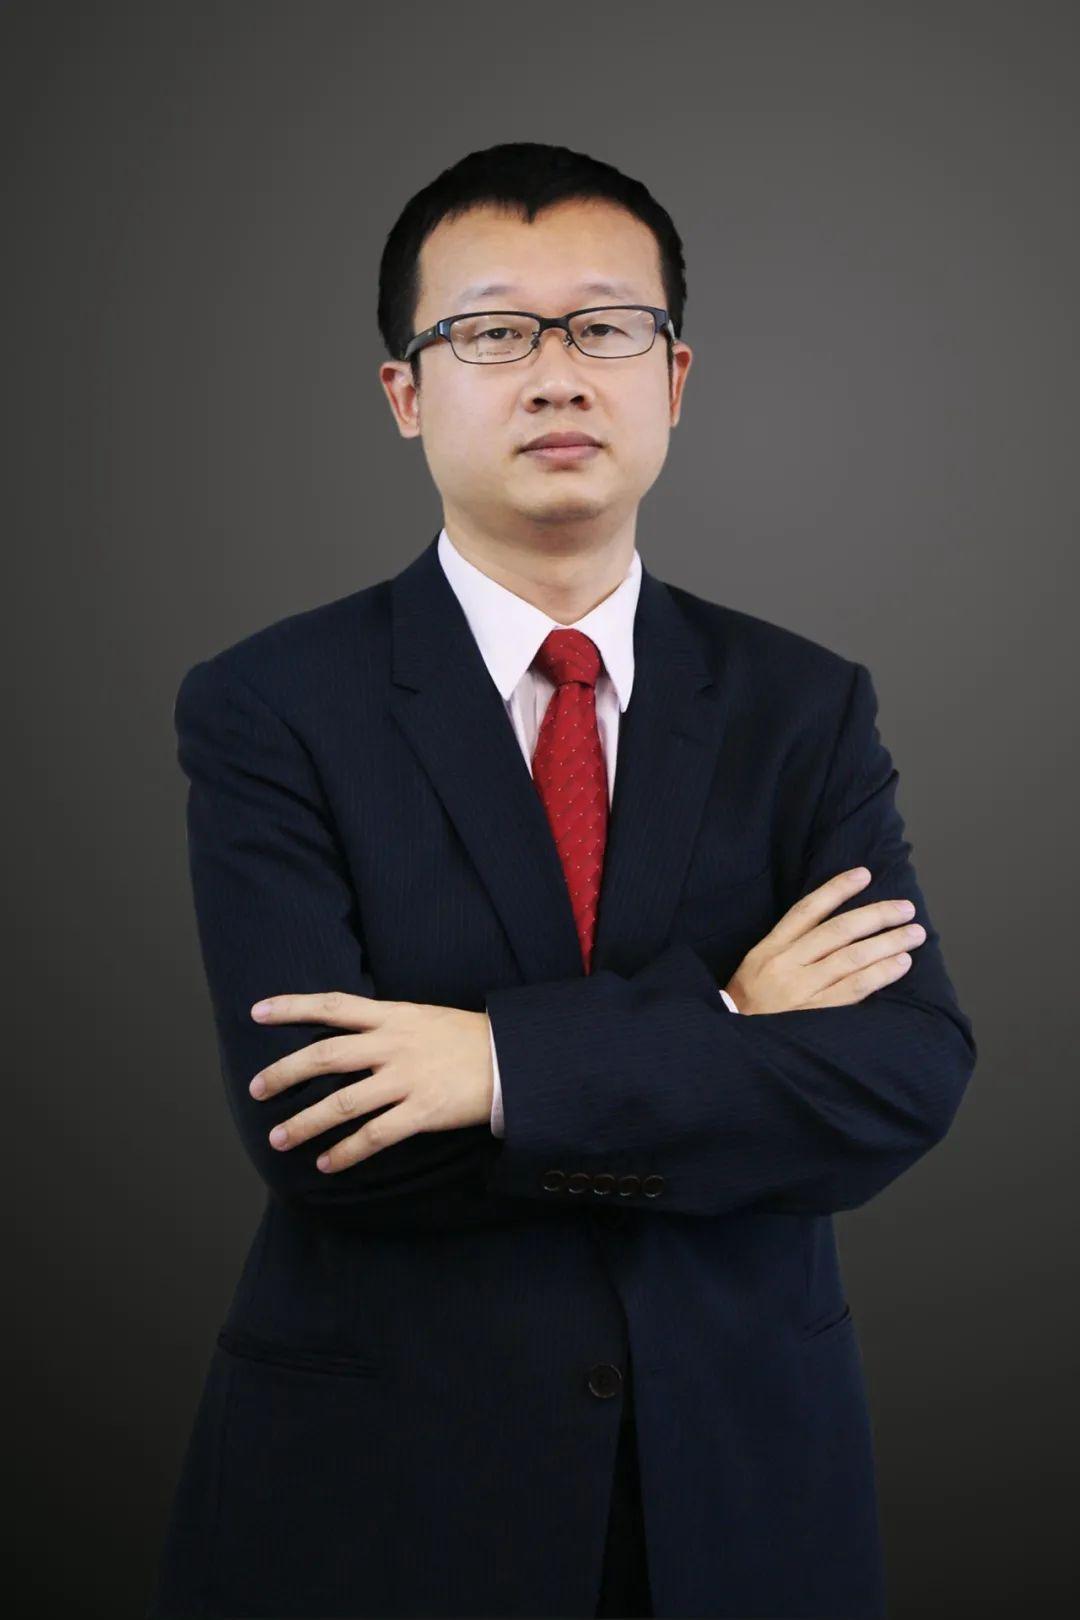 晨星奖得主何康:依托平台力量,为客户提供长期稳健收益